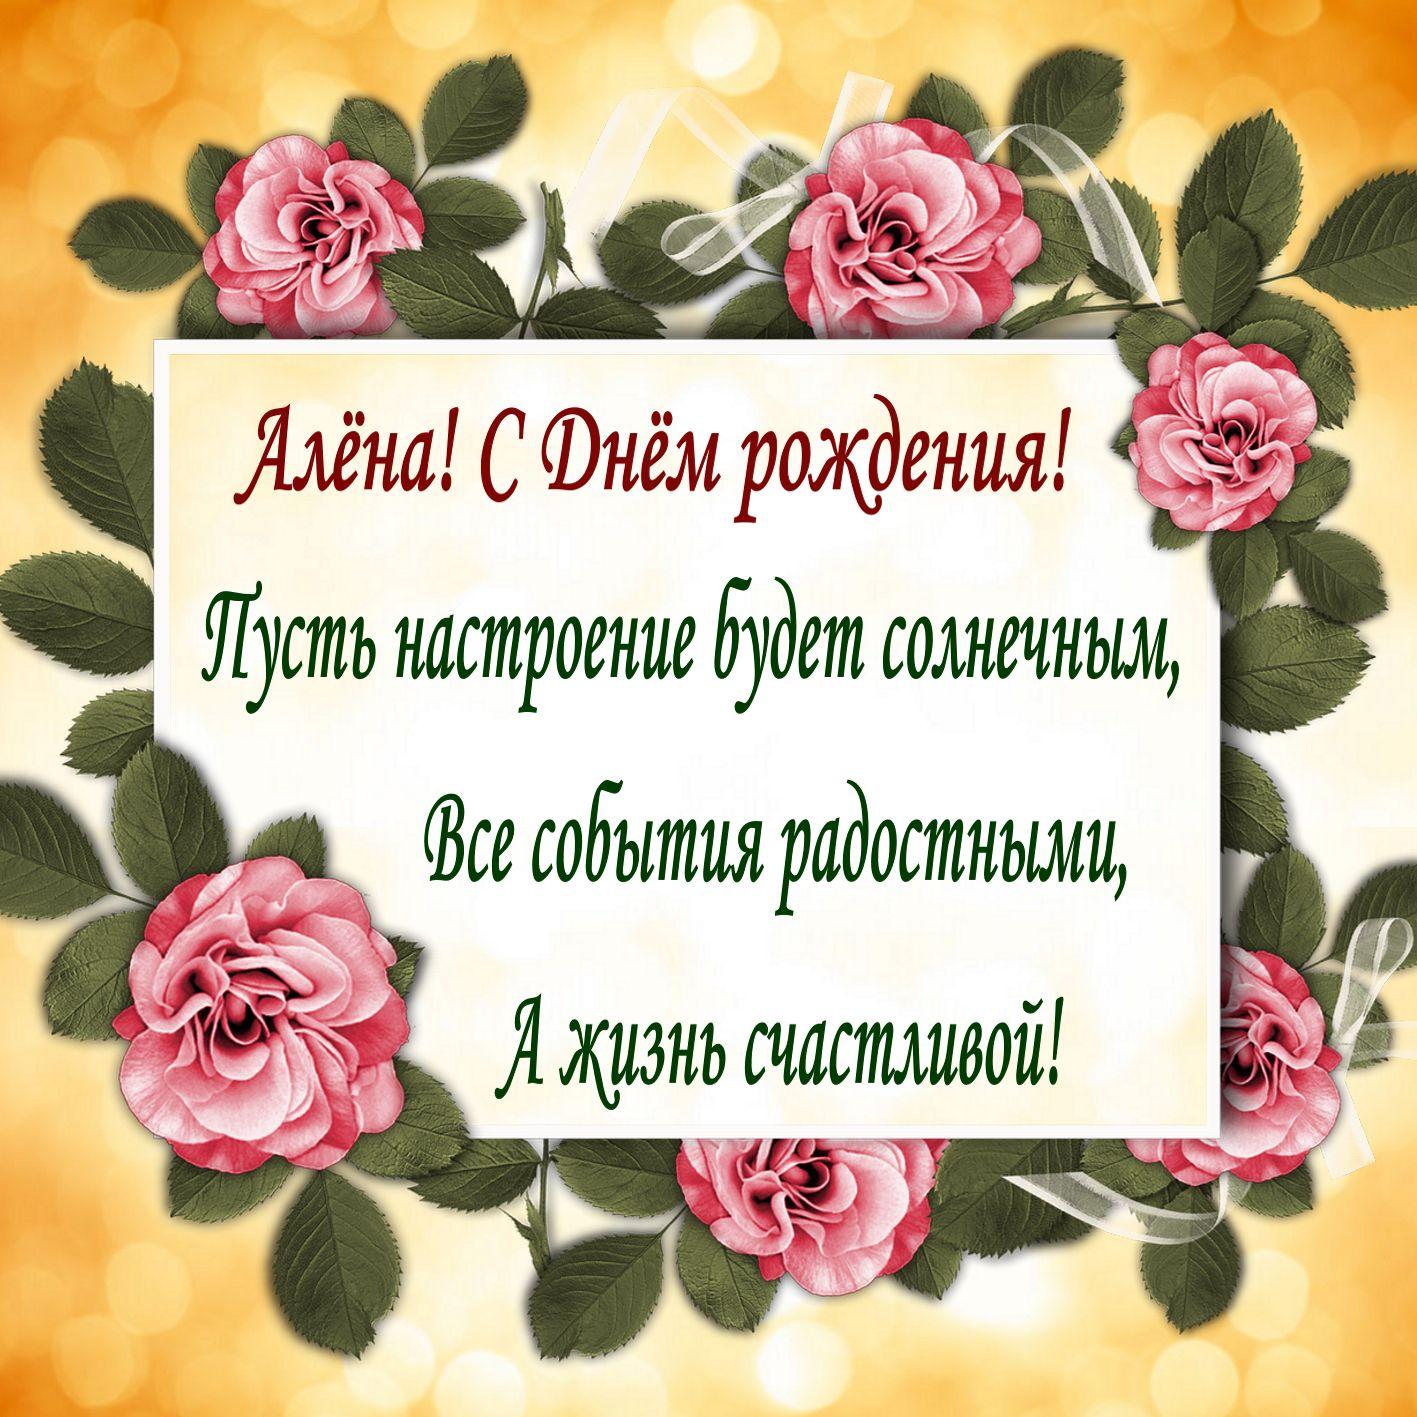 Картинка с пожеланием в рамке из цветов Алене на День рождения